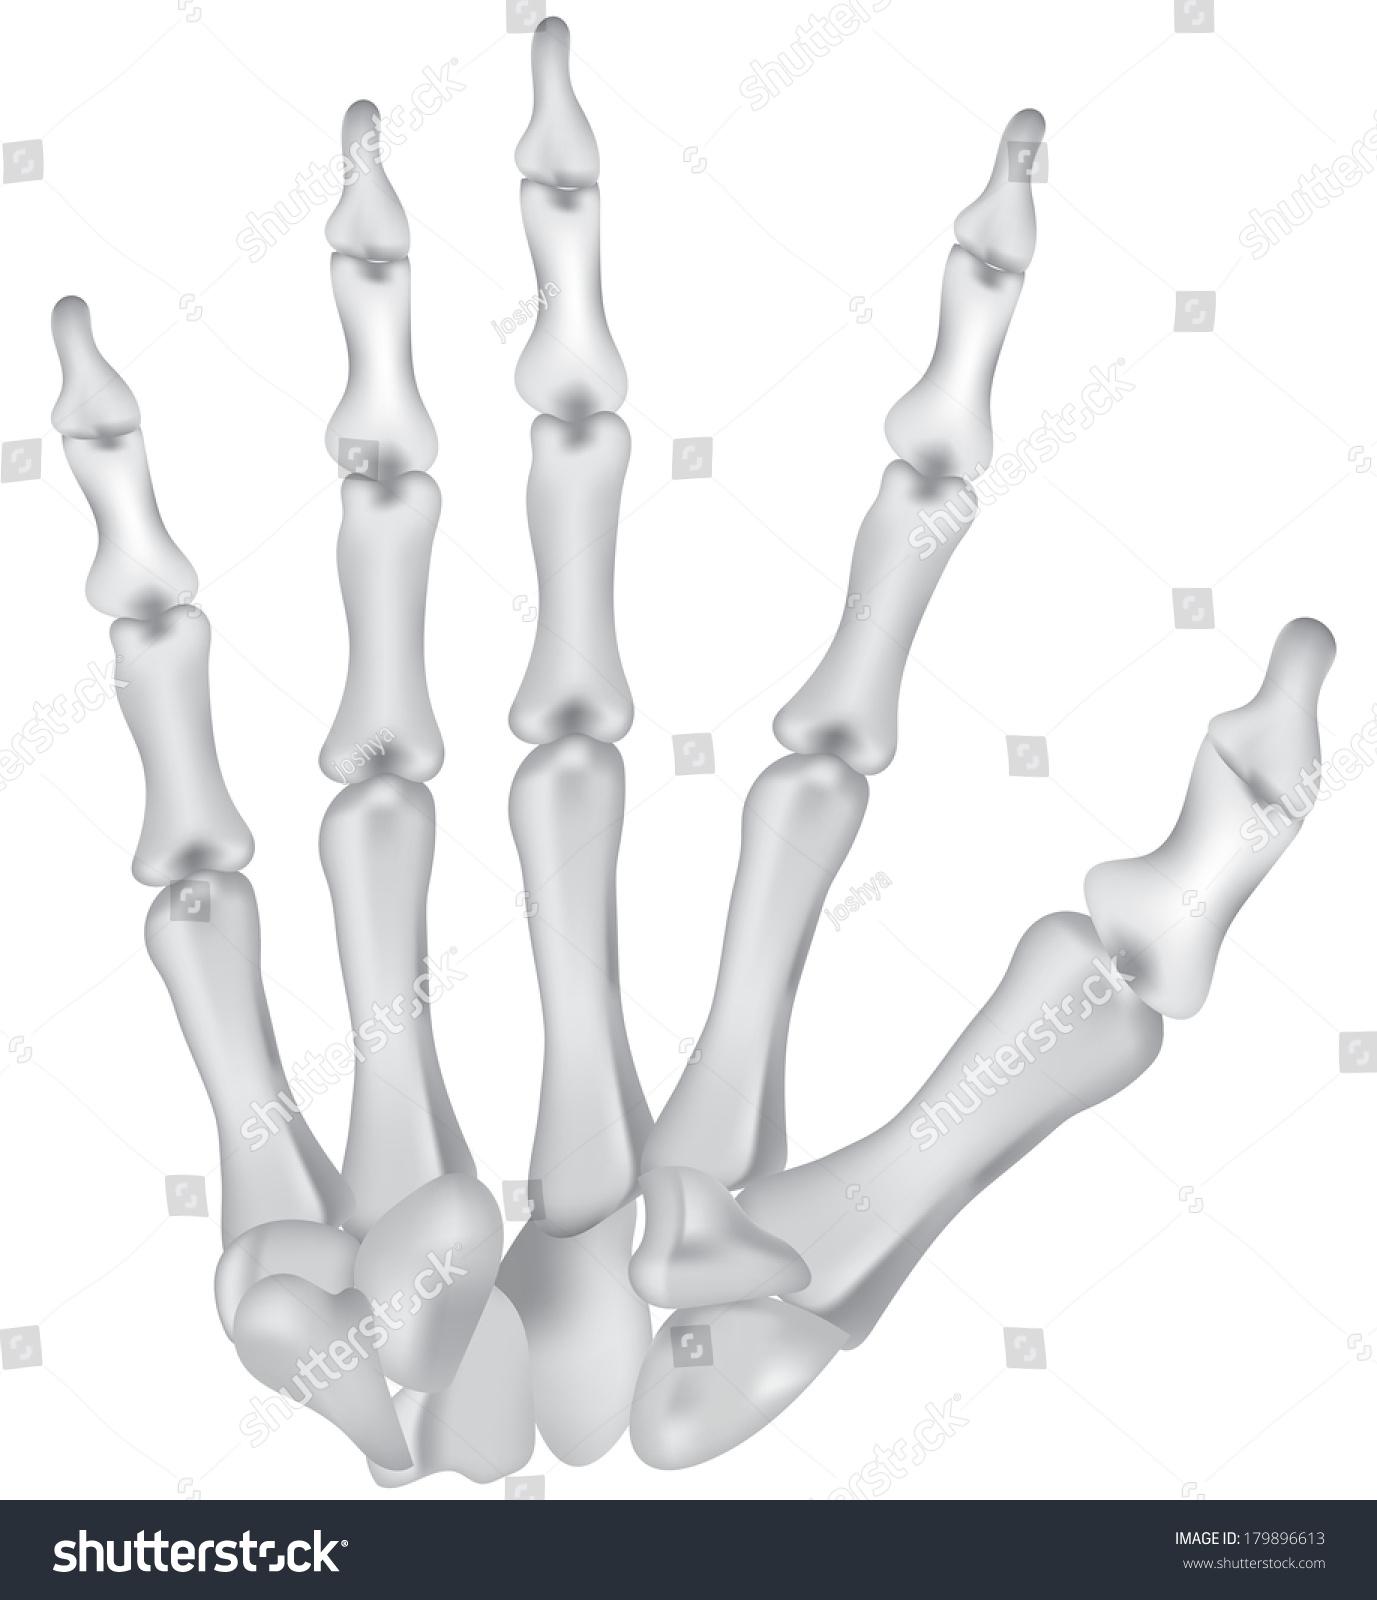 Ausgezeichnet Oberflächenanatomie Knie Bilder - Anatomie Ideen ...